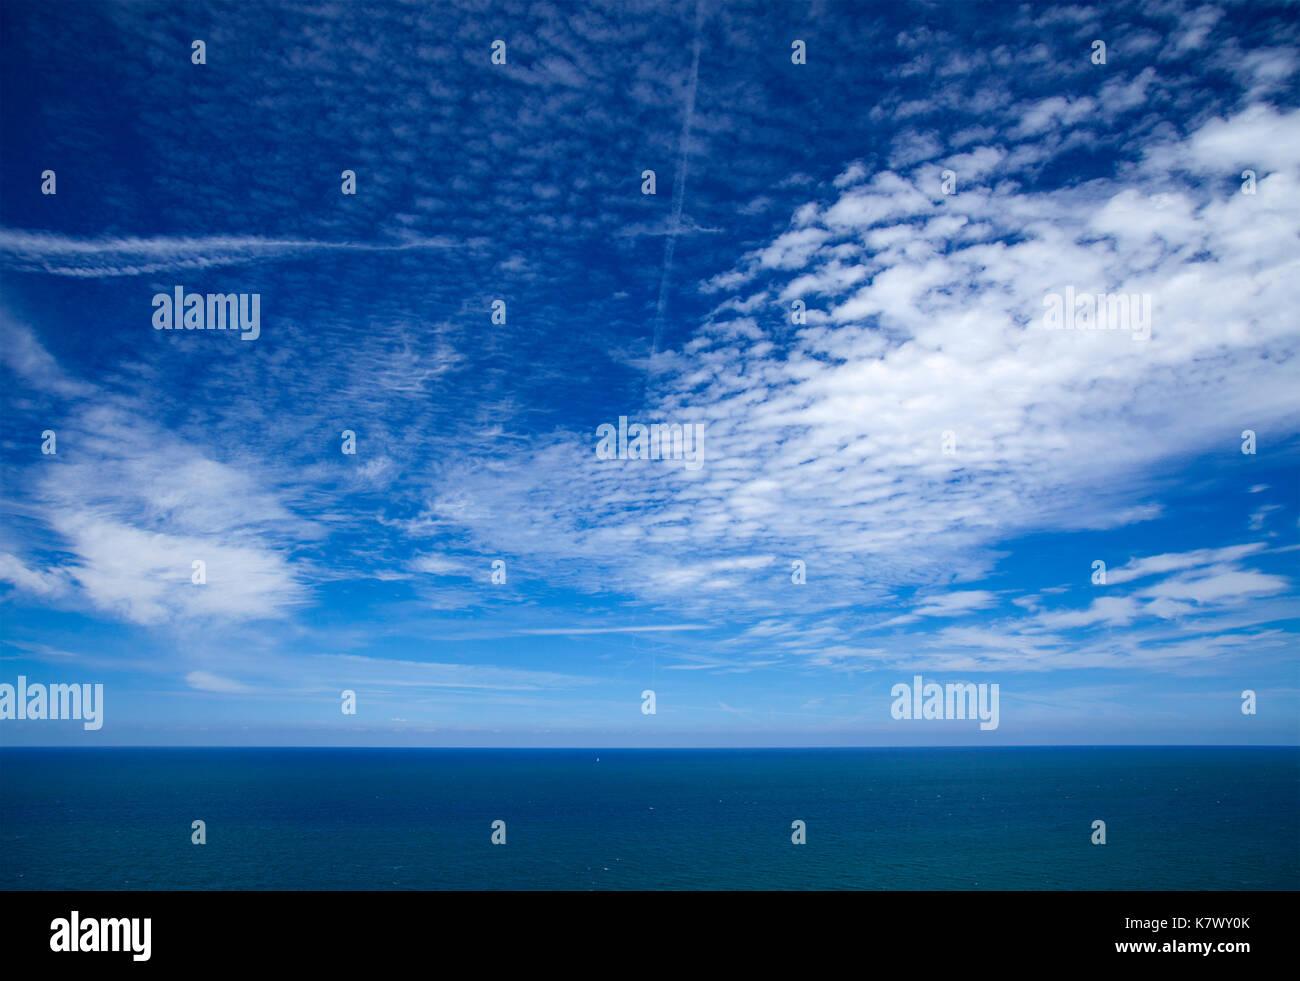 mackerel sky over calm ocean natural background Stock Photo